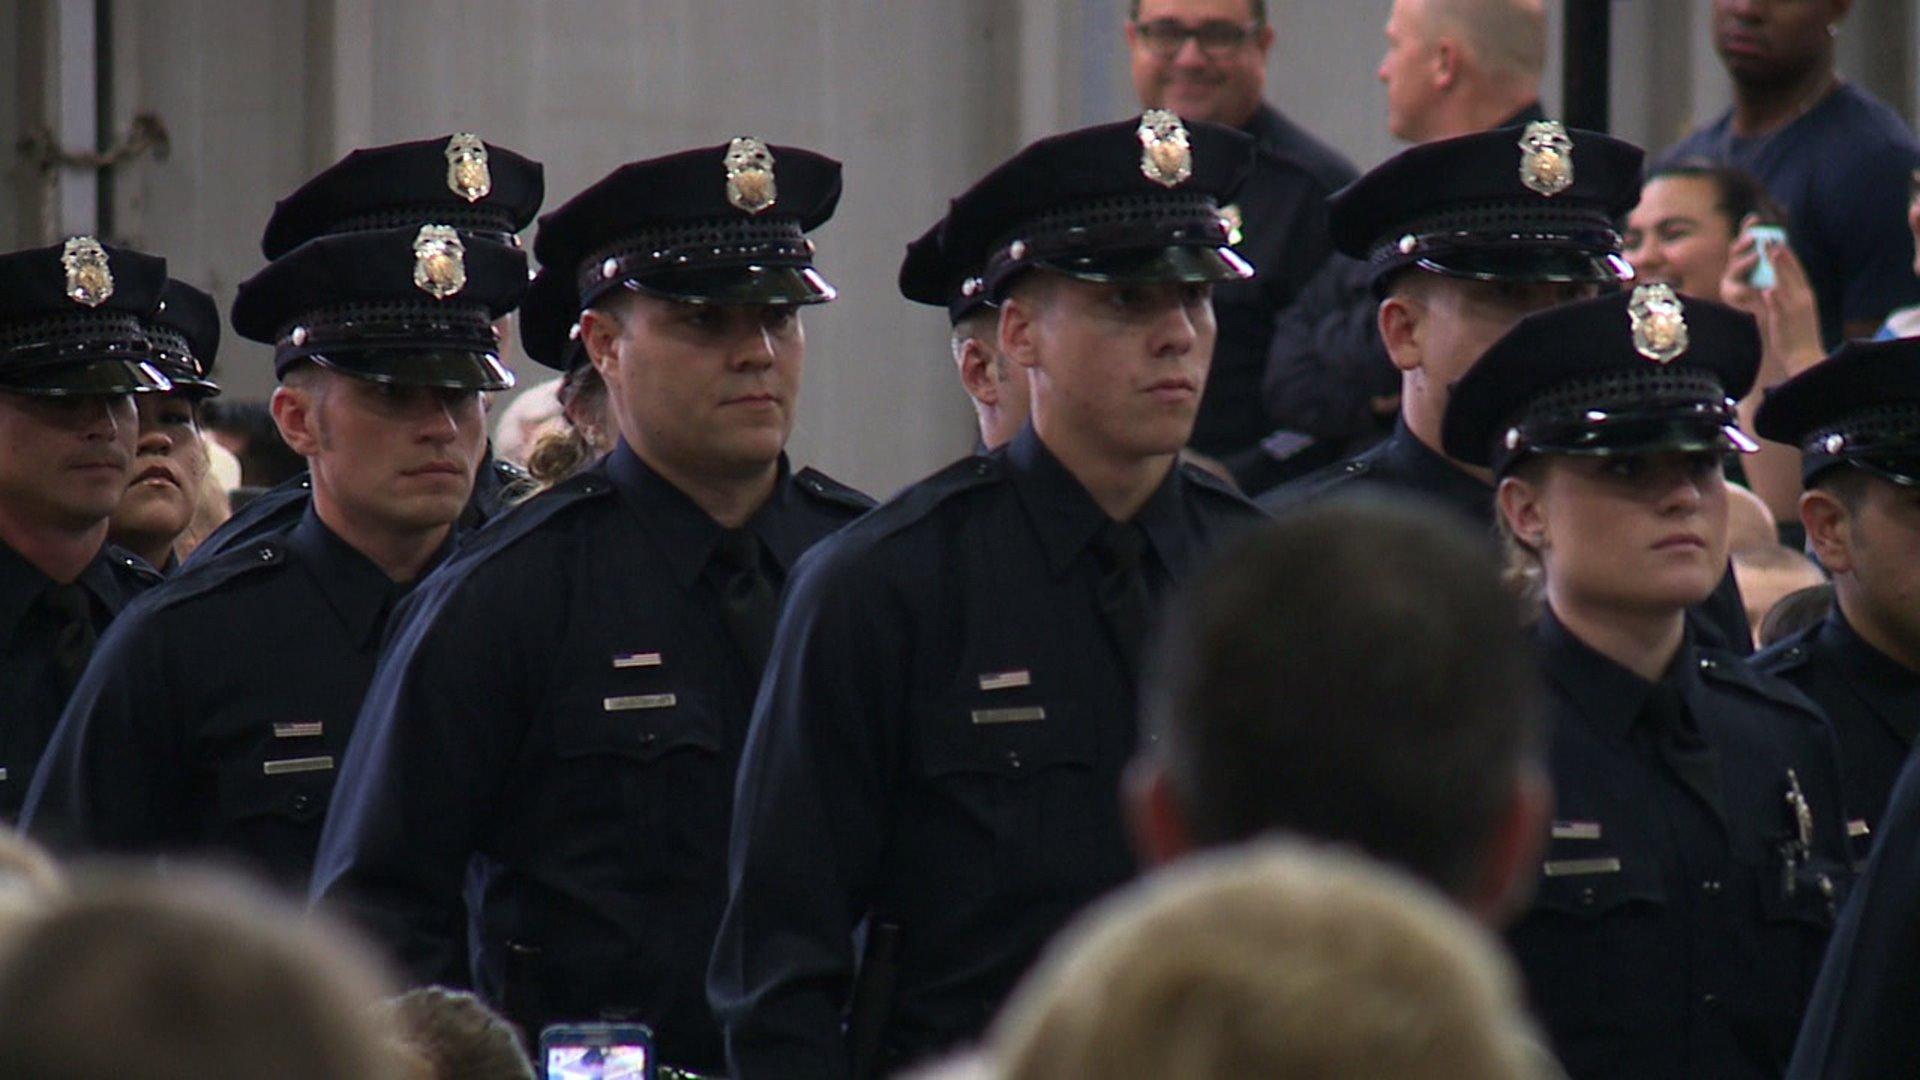 Denver Police officers sworn-in